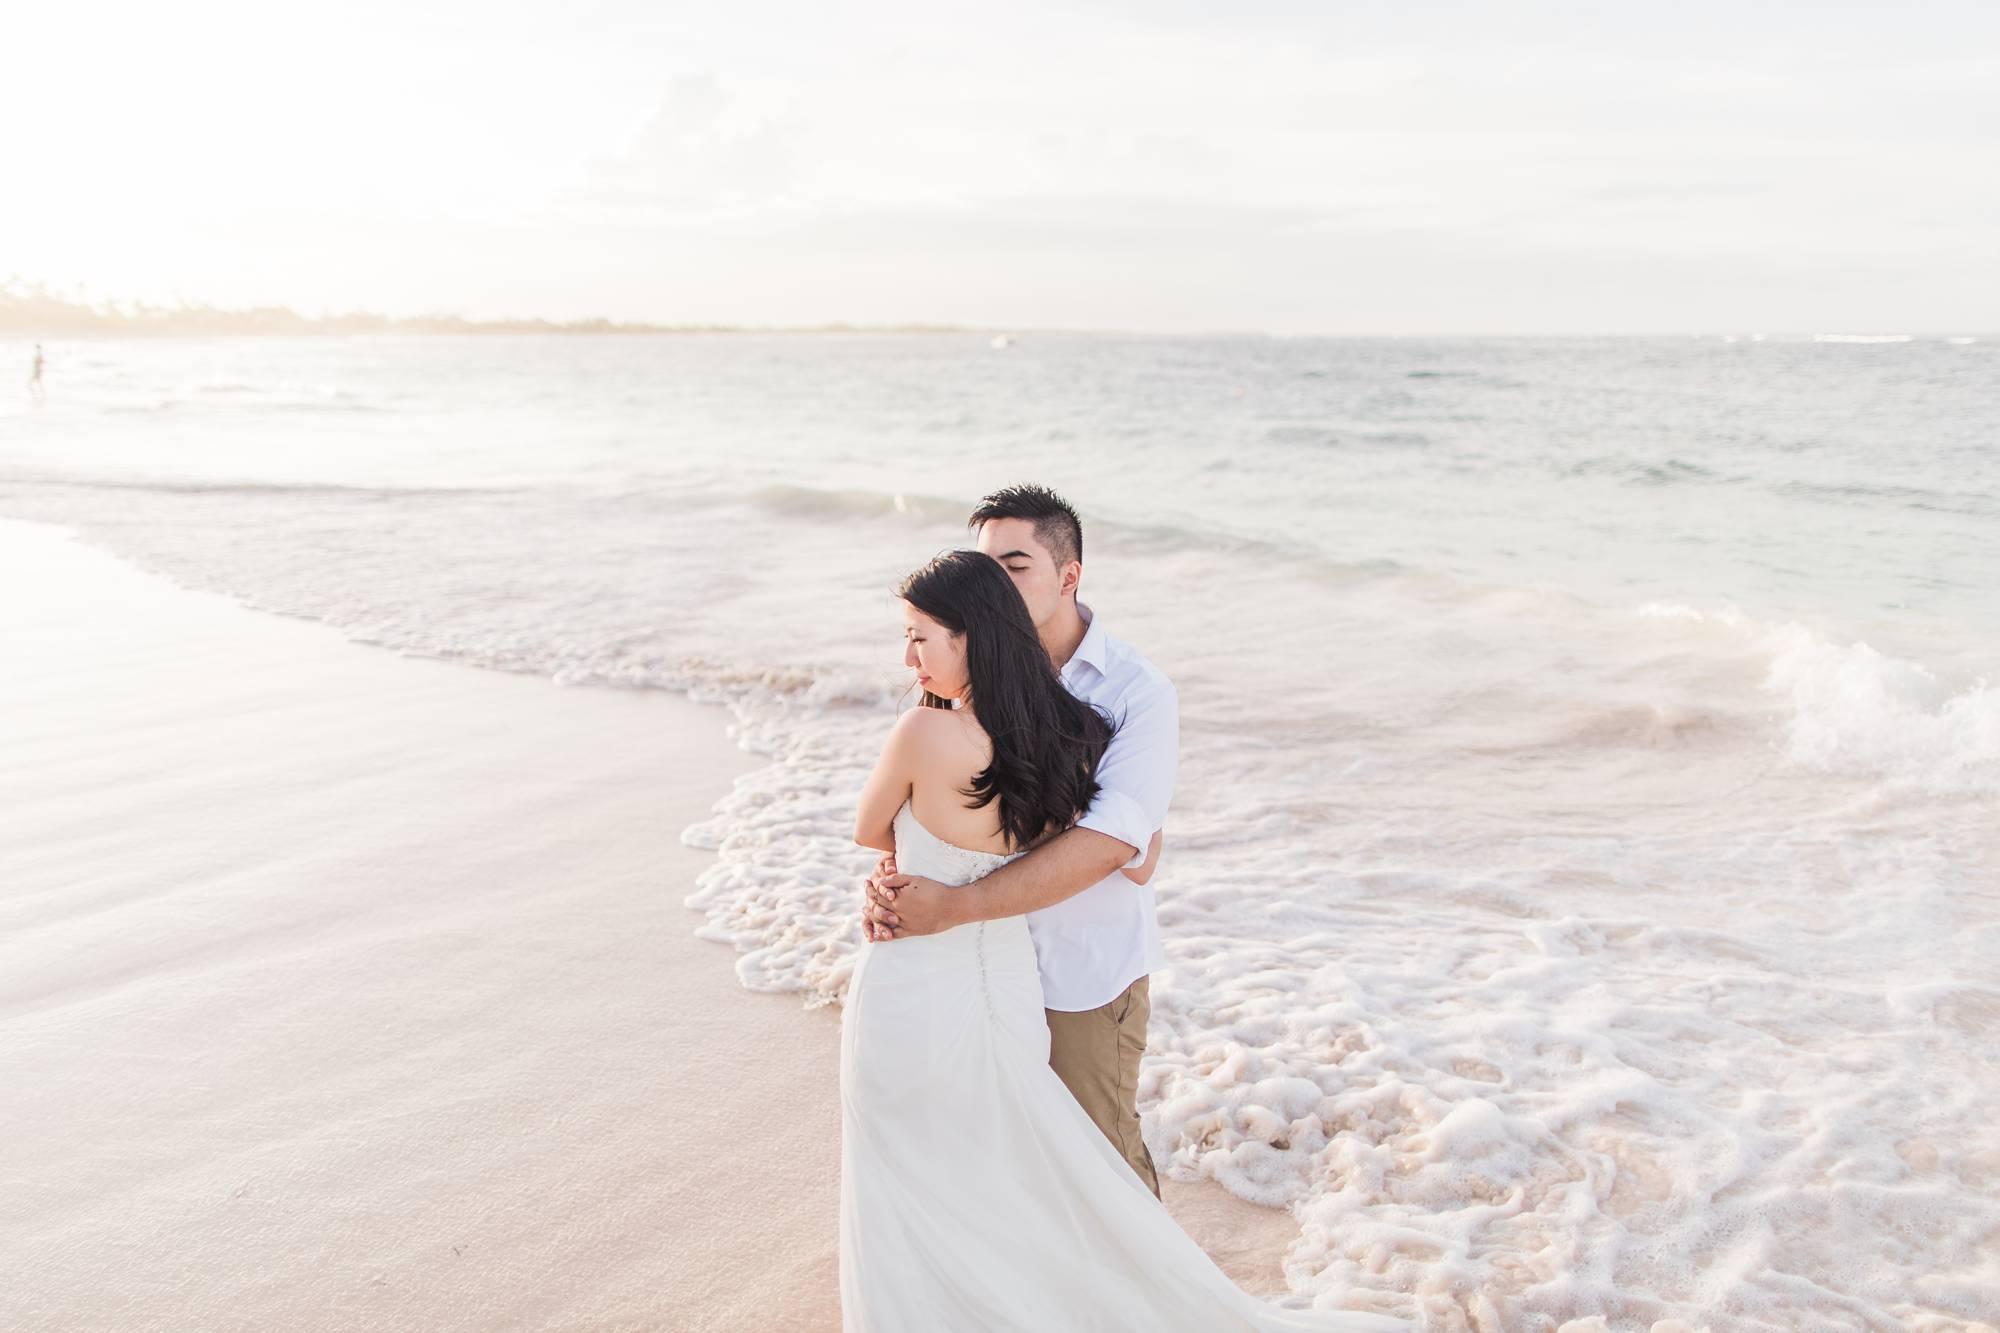 Mexico_Royalton_Wedding_Photos_Destination_Wedding_Photographer_Trash_The_Dress